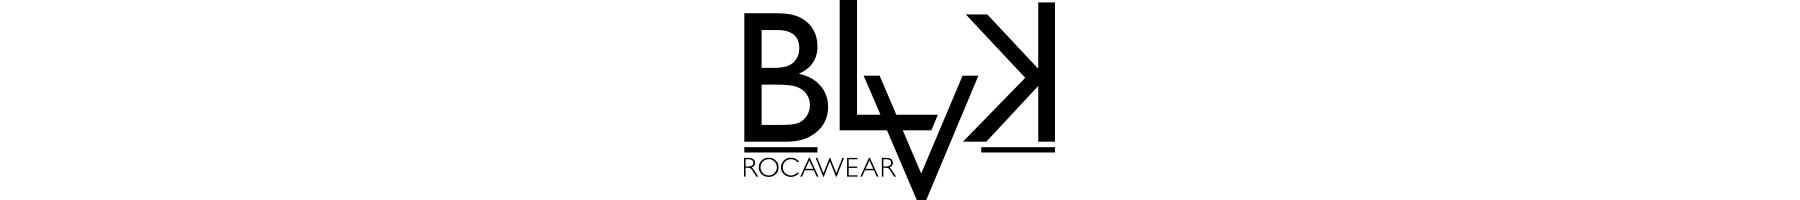 DrJays.com - Rocawear BLAK